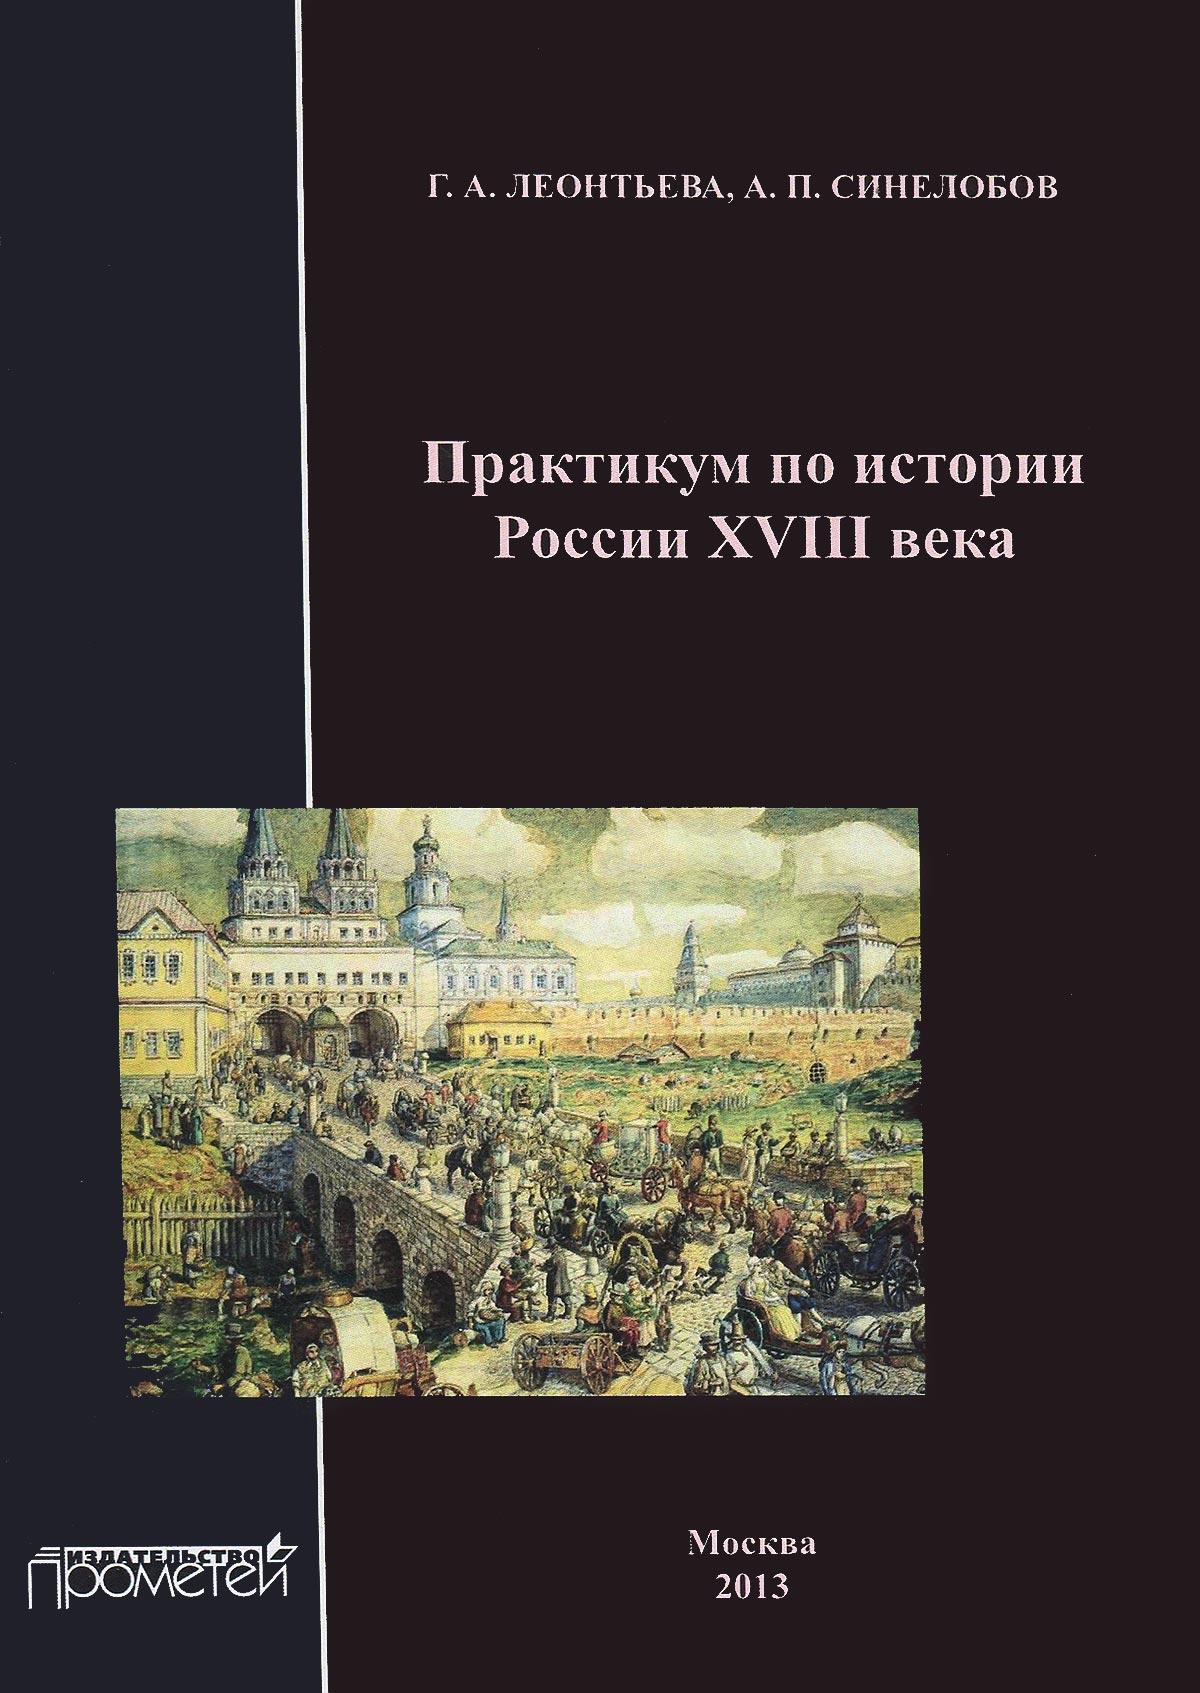 Практикум по истории России XVIII века. Учебное пособие